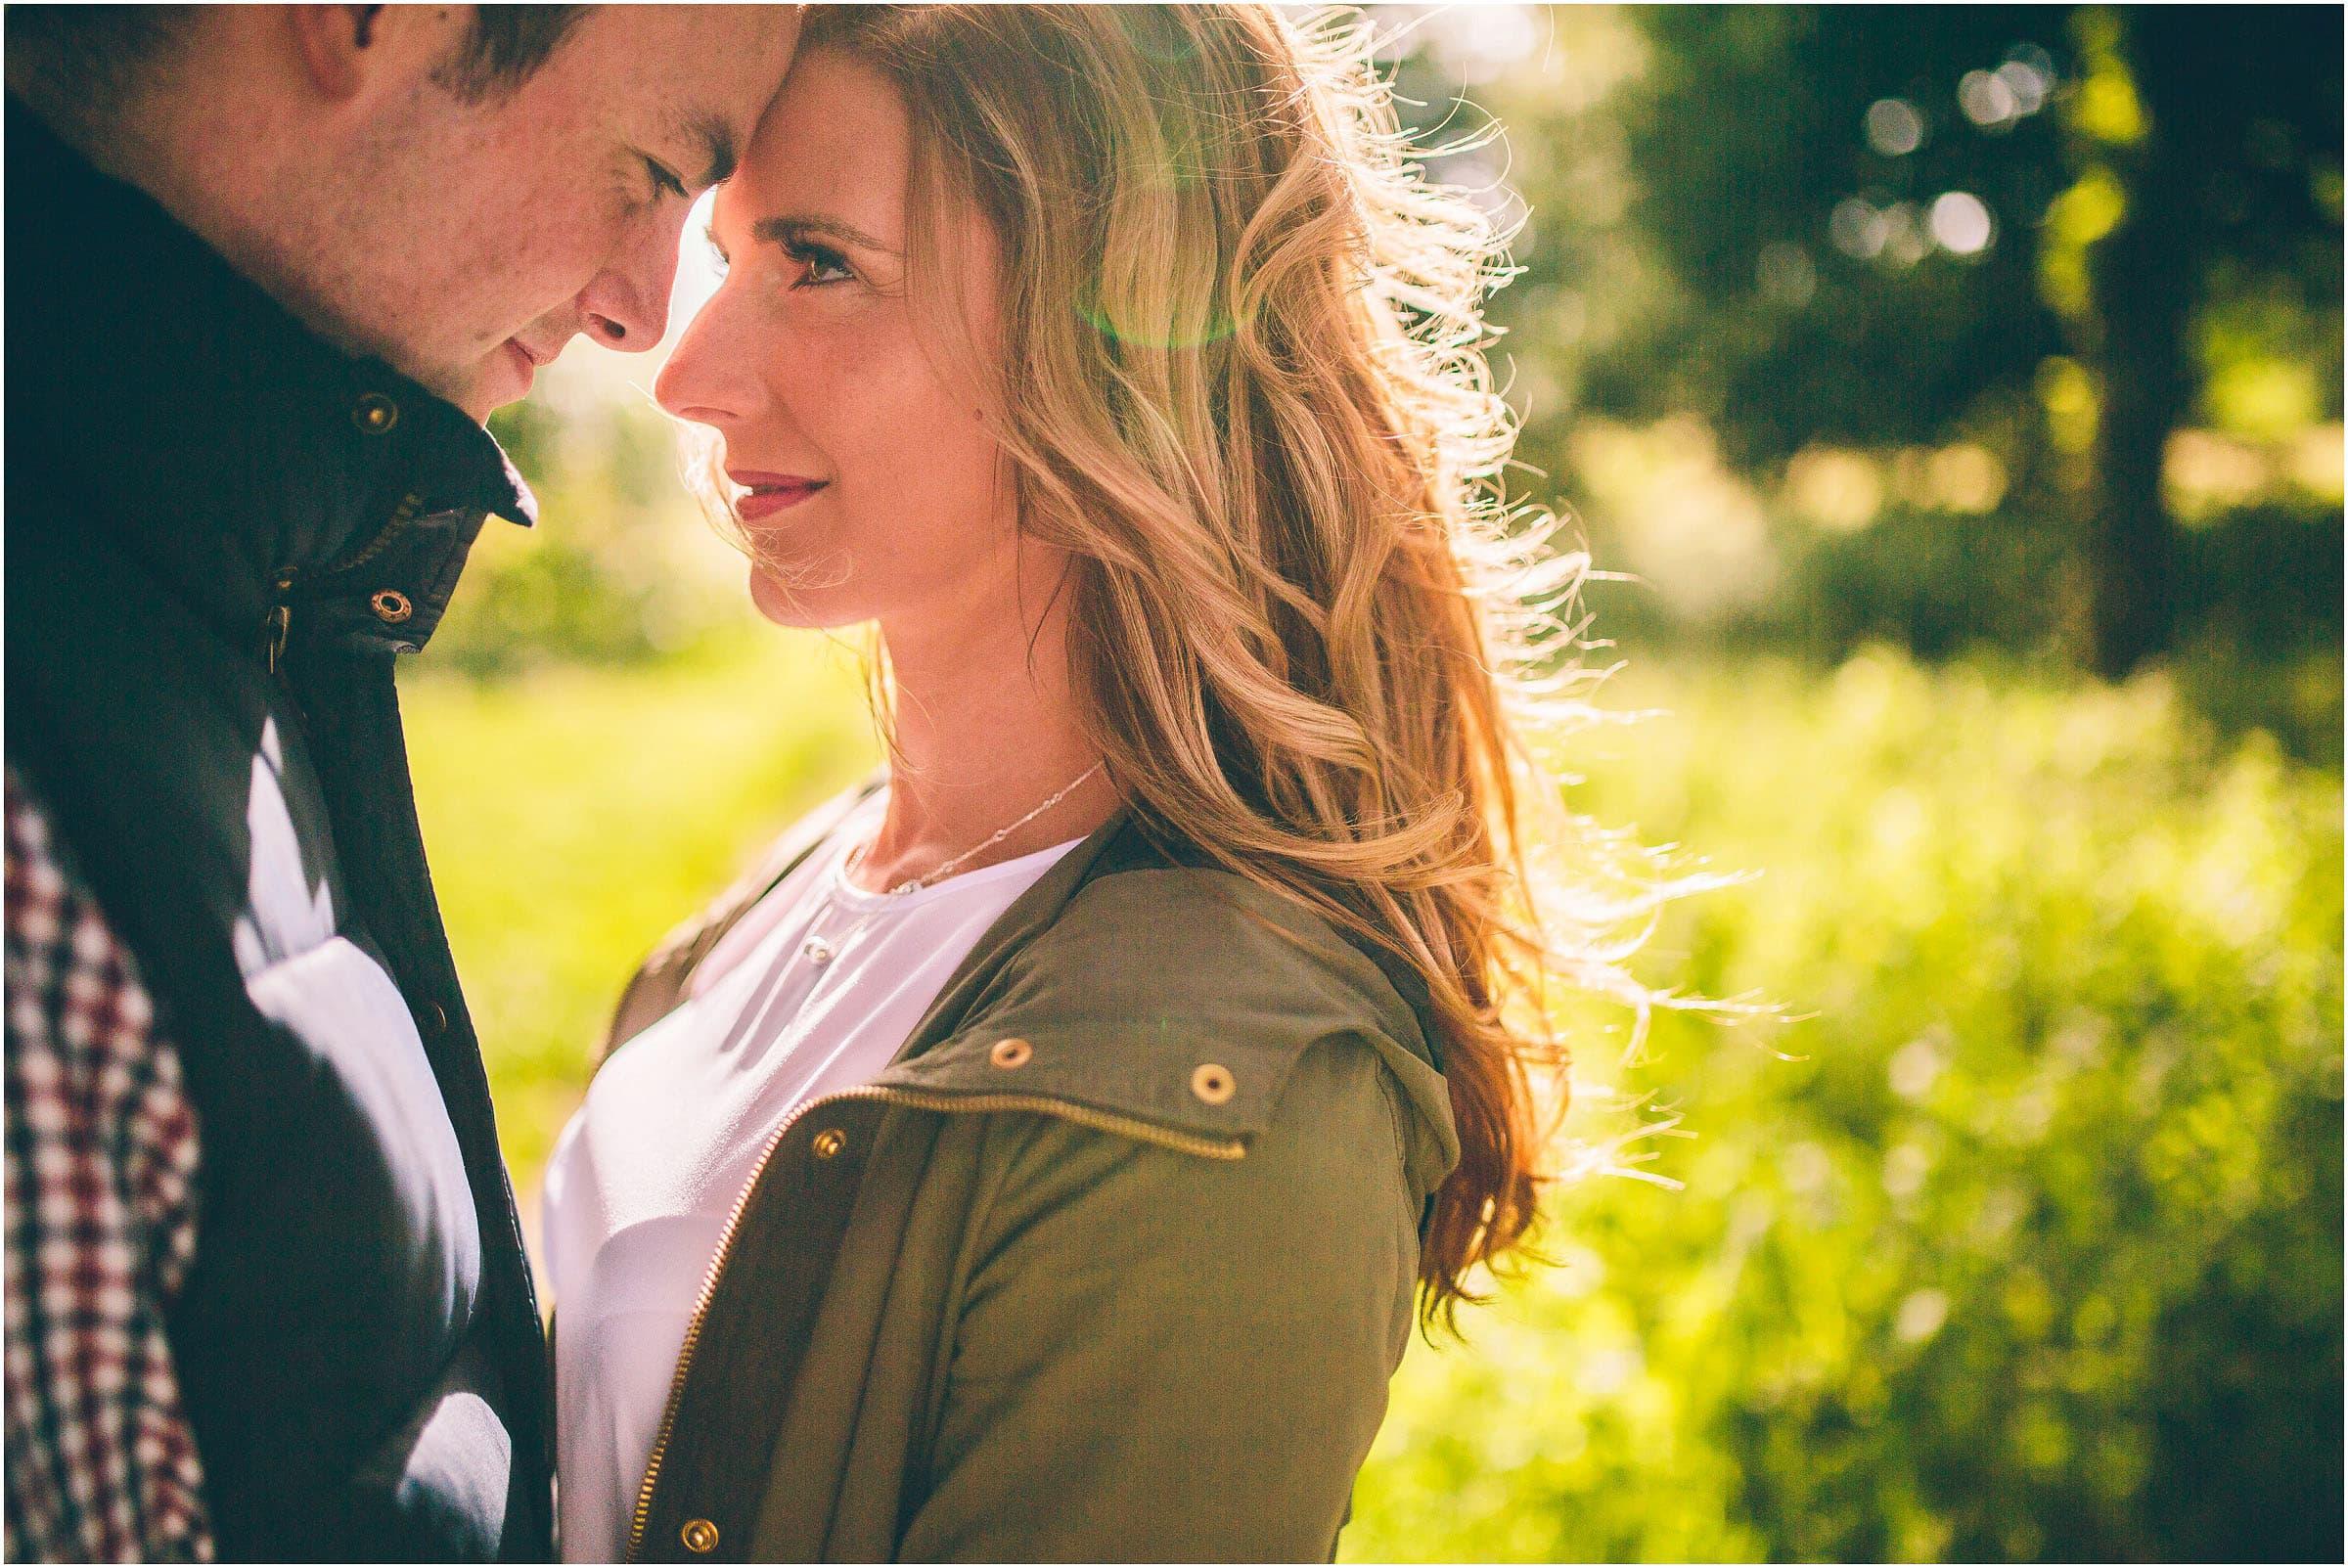 Rivington_Engagement_Photography_0008